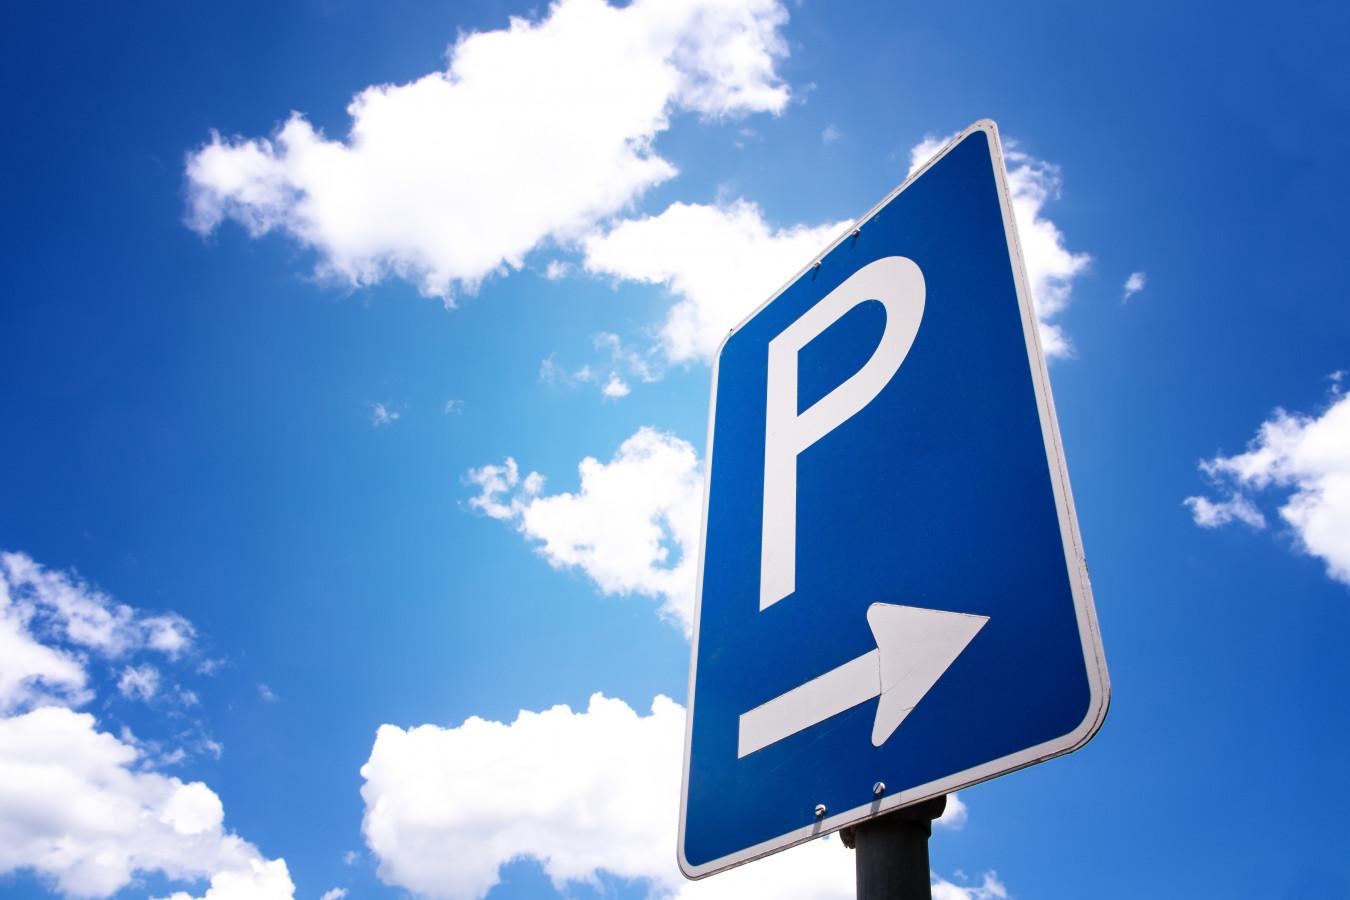 【草津の無料大規模駐車場】「天狗山第1駐車場」と周辺おすすめスポット